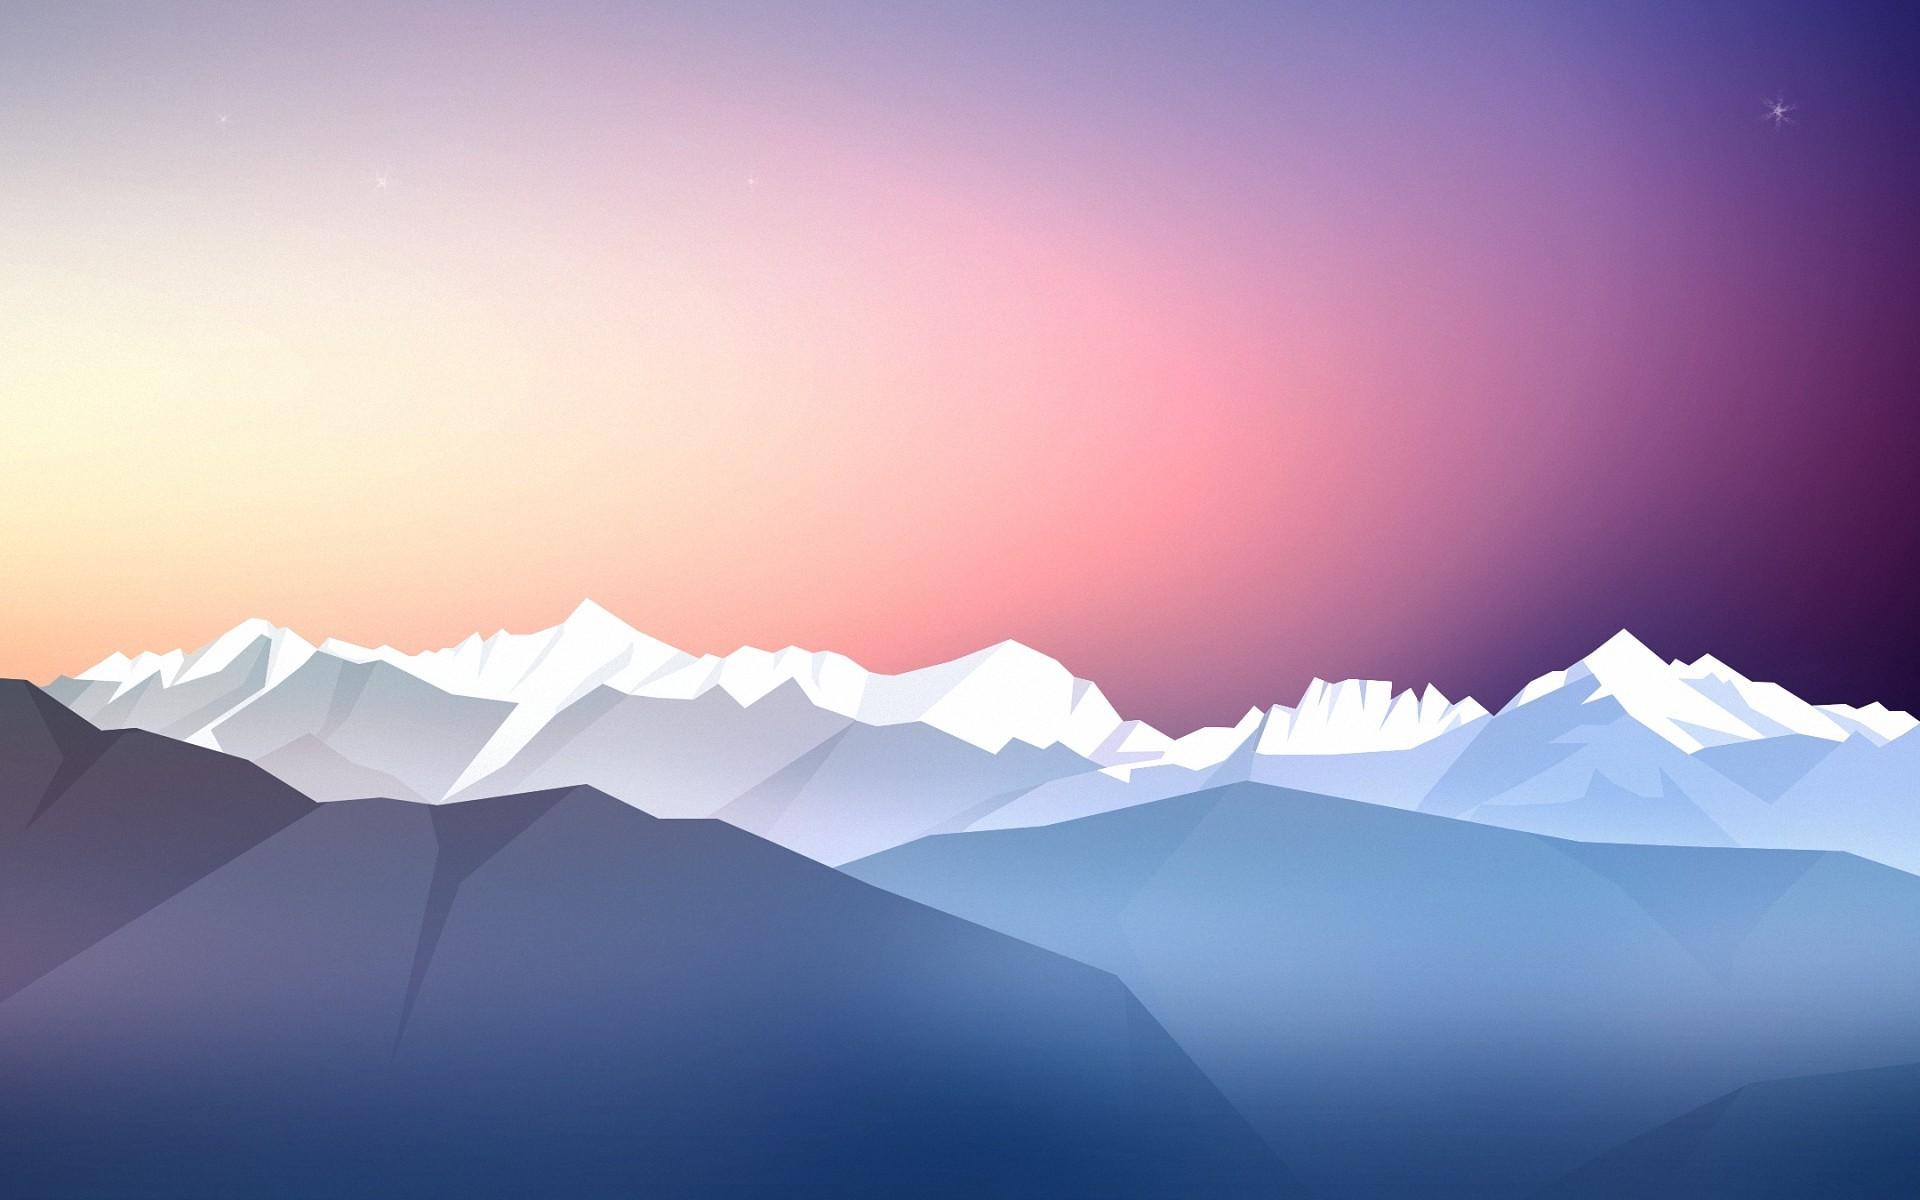 Wallpaper Sunlight Landscape Abstract Sky Artwork Sunrise